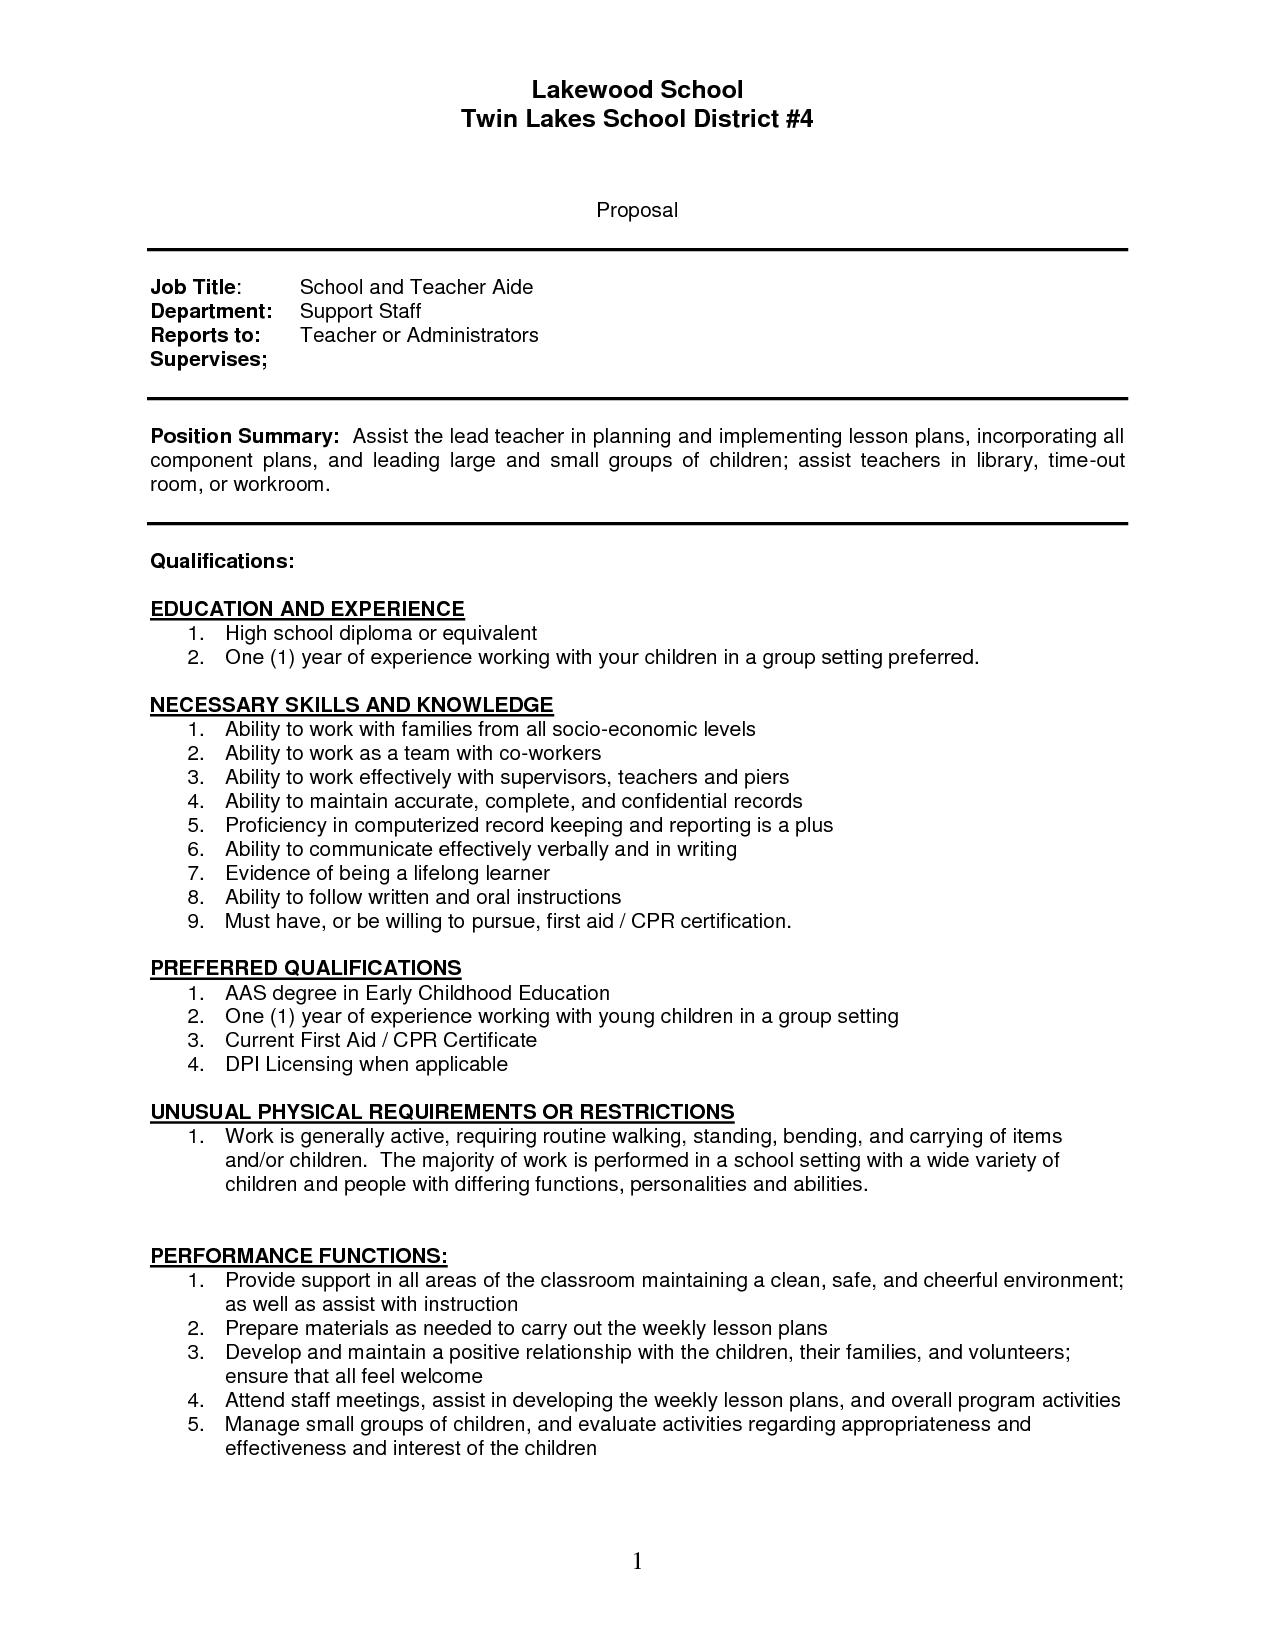 Teacher Assistant Sample Resume Sample Resume Of Teachers